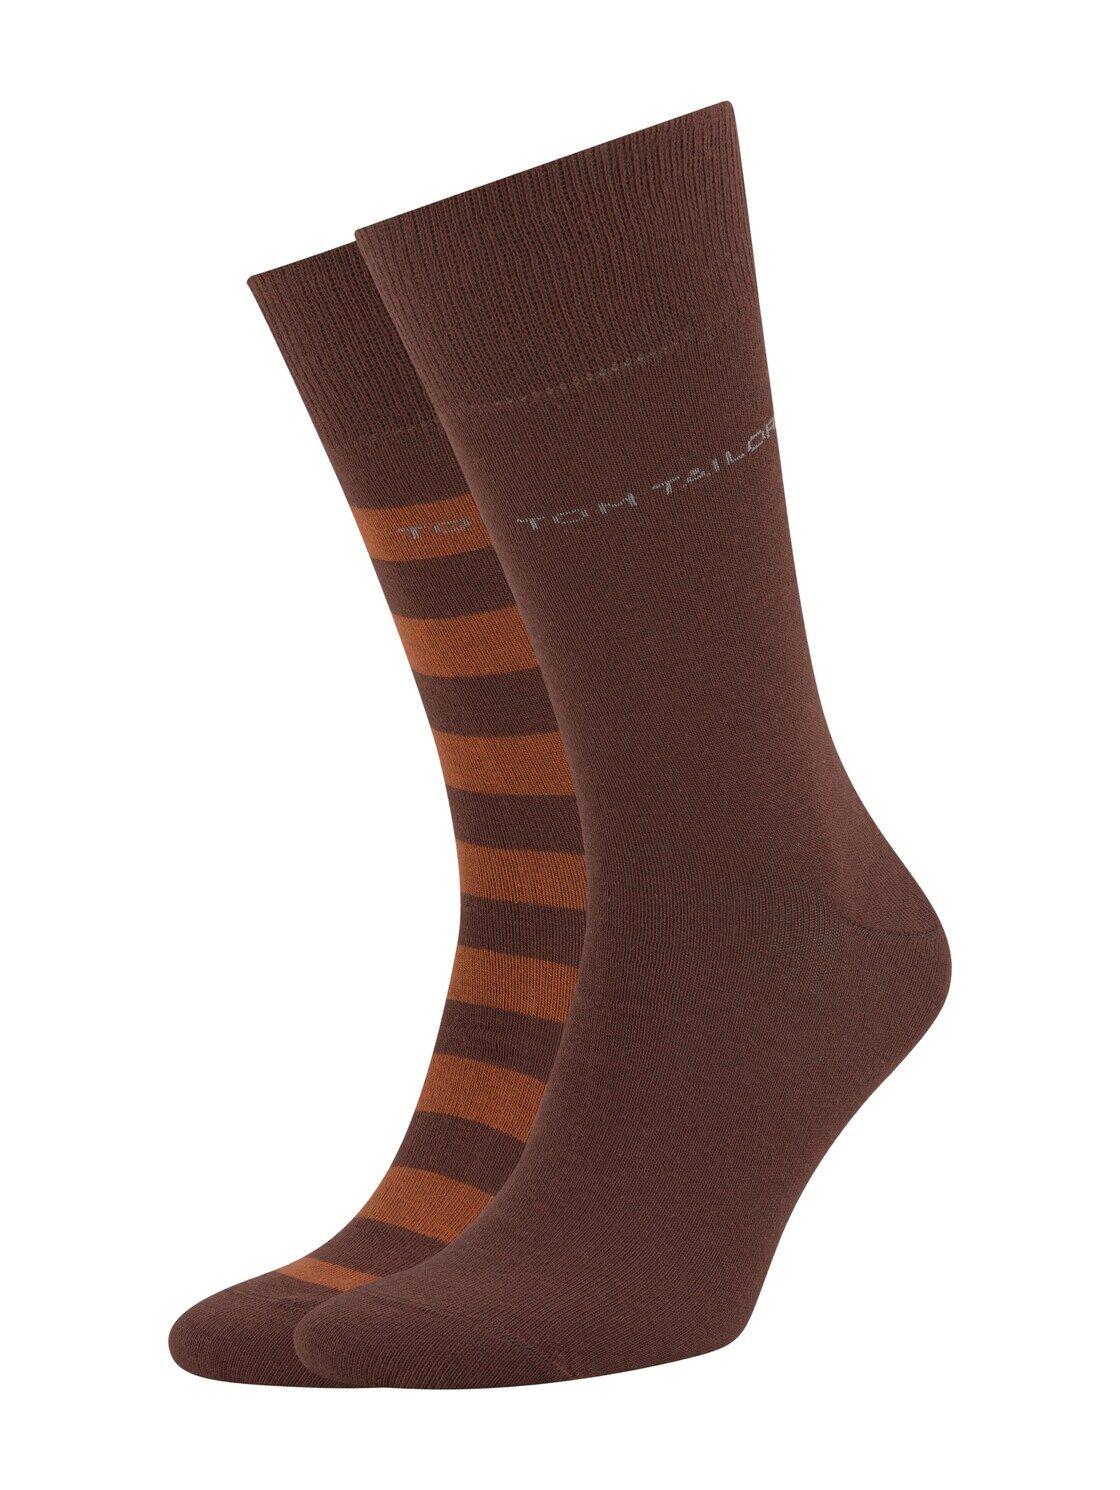 TOM TAILOR Herren Socken im Doppelpack, braun, Gr.39-42